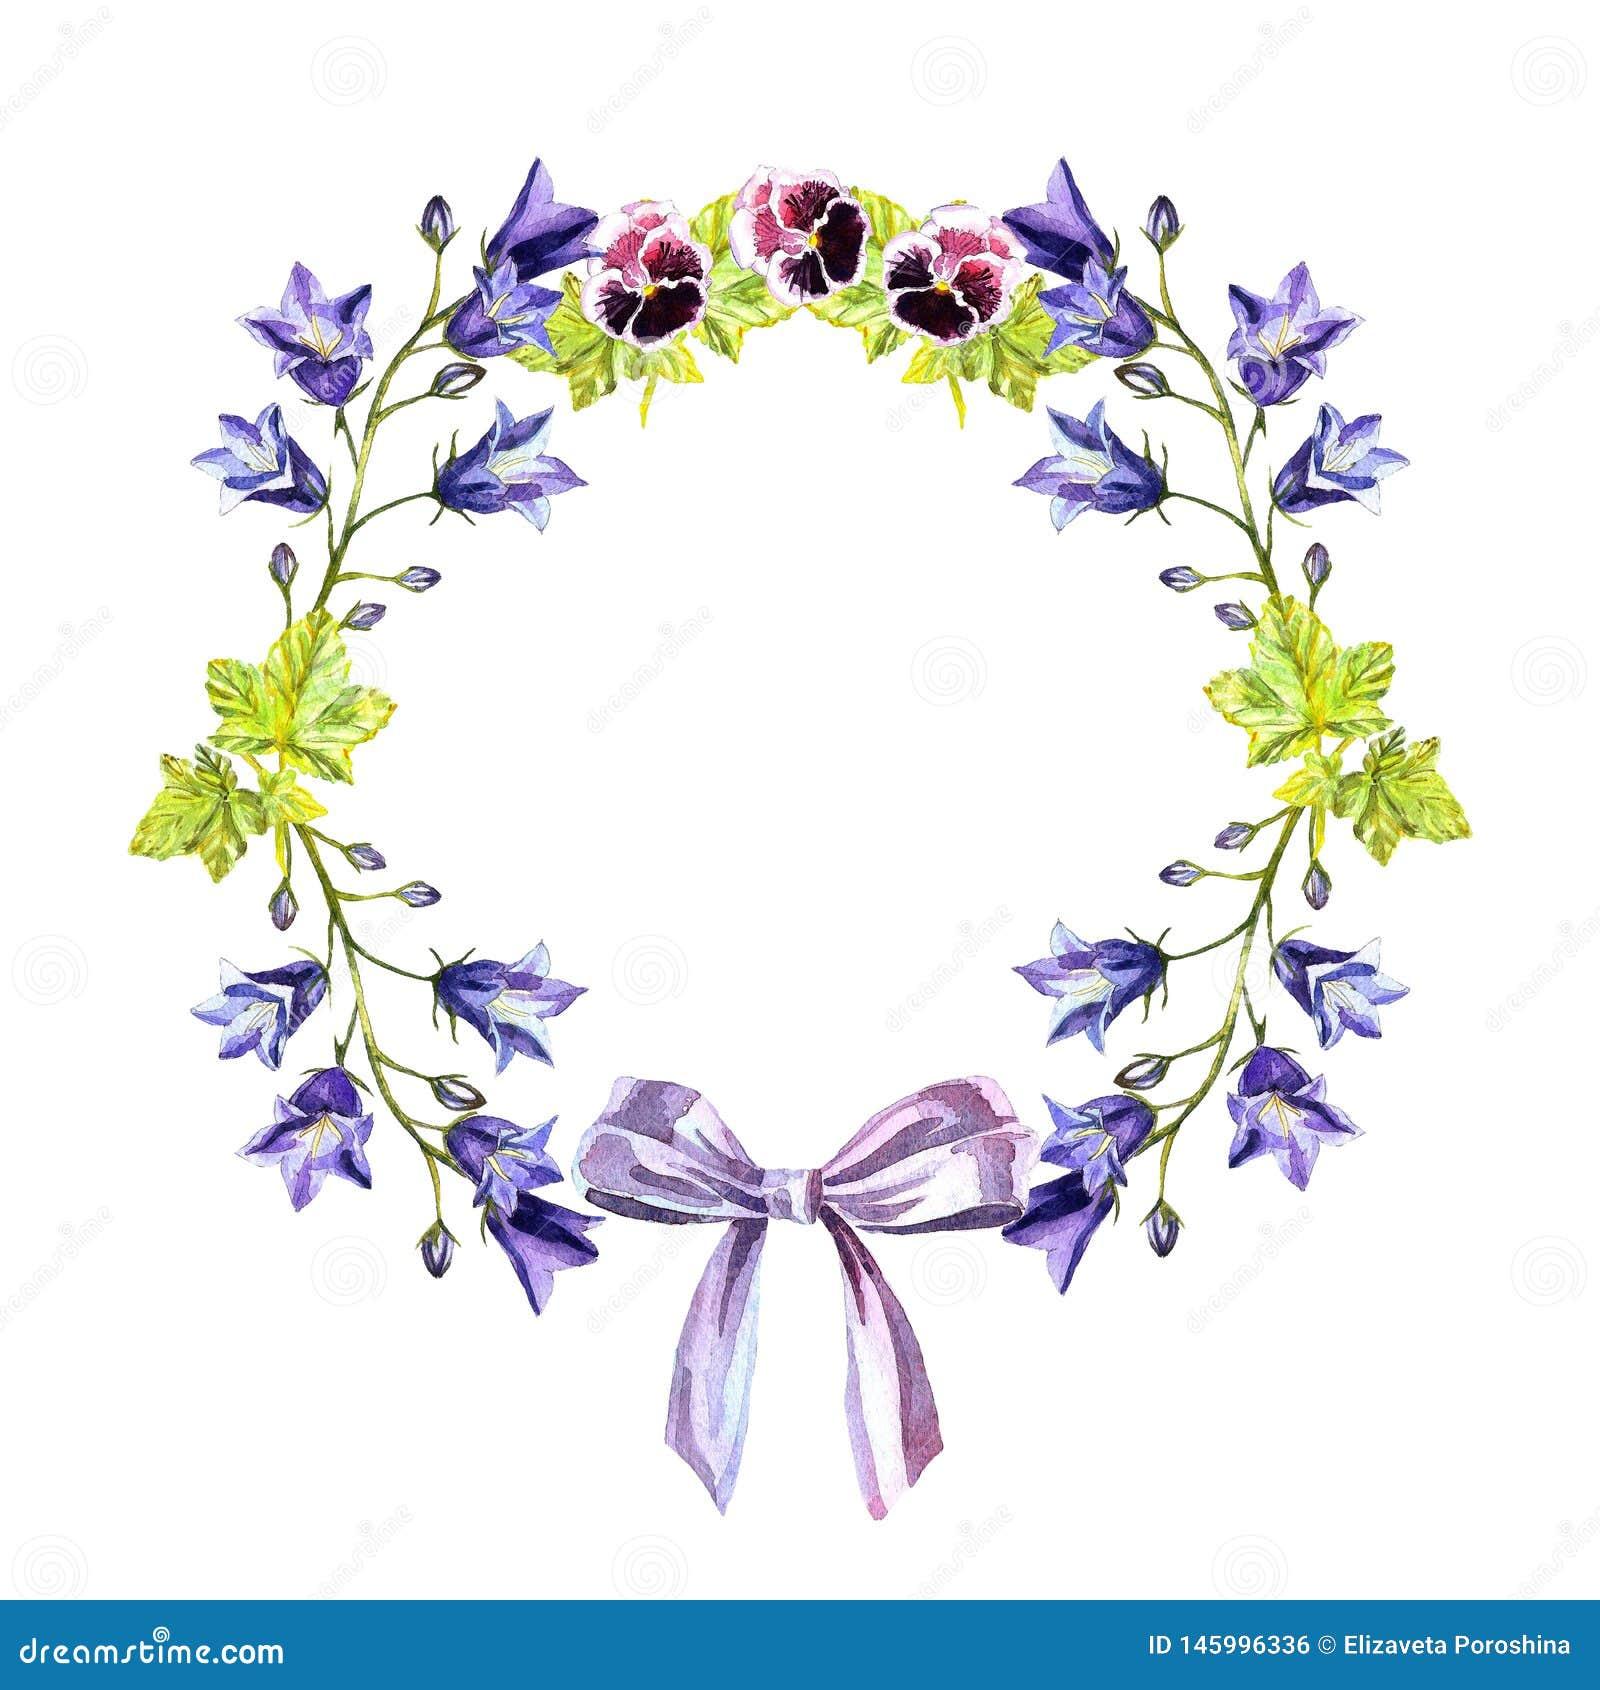 Рамка круга Watercolour bluebells, листьев, пурпурных фиолетов и смычка свет-пурпурной ленты